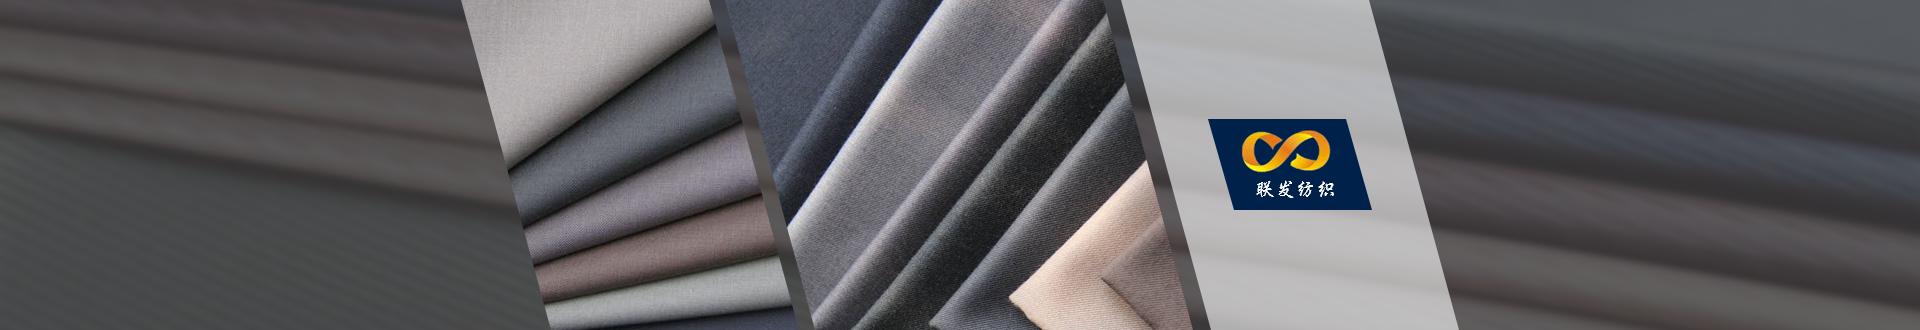 围巾丝巾披肩